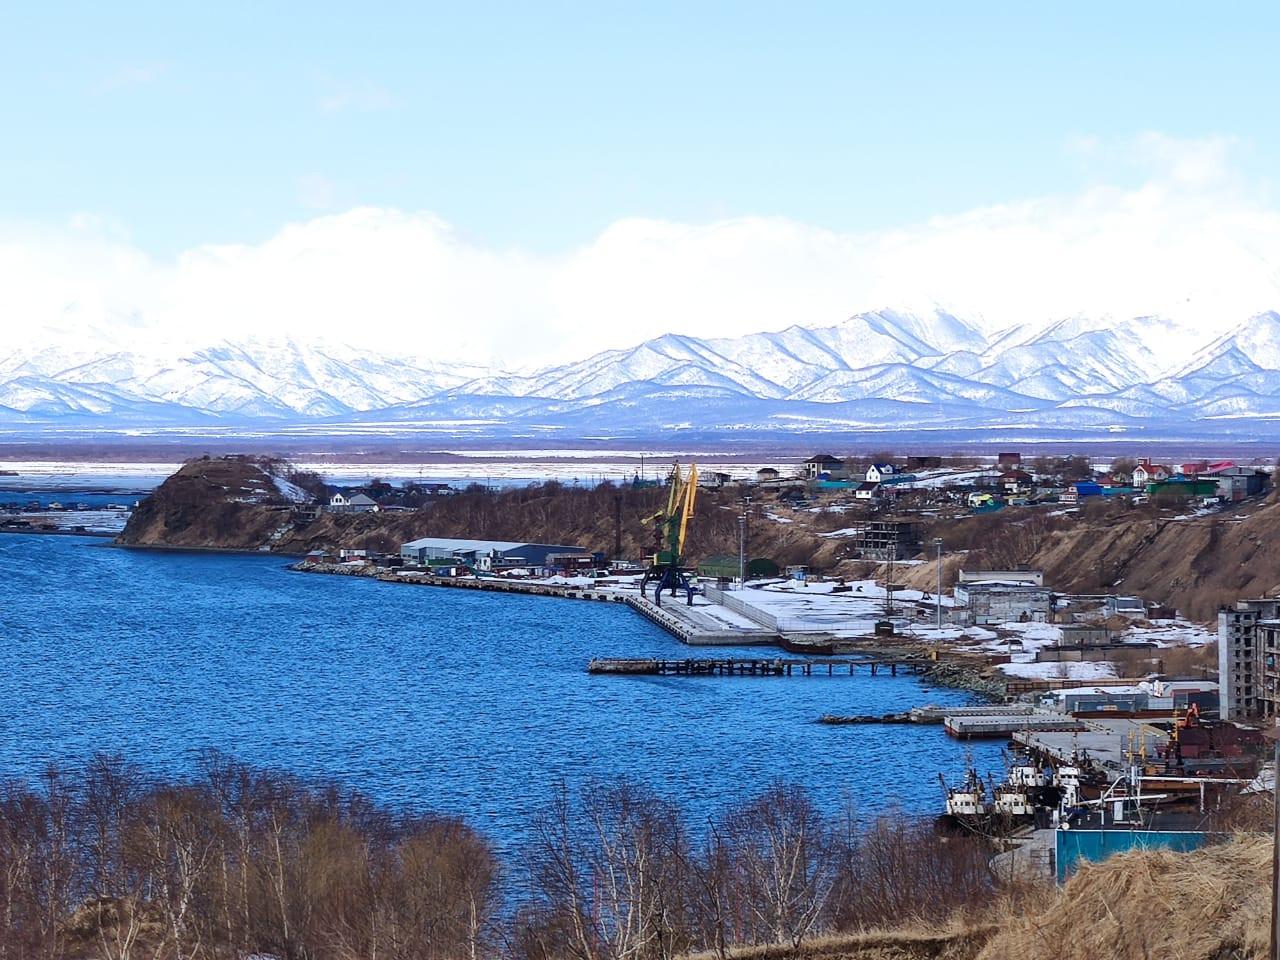 Глава Камчатки пригласил Дудя переехать на полуостров